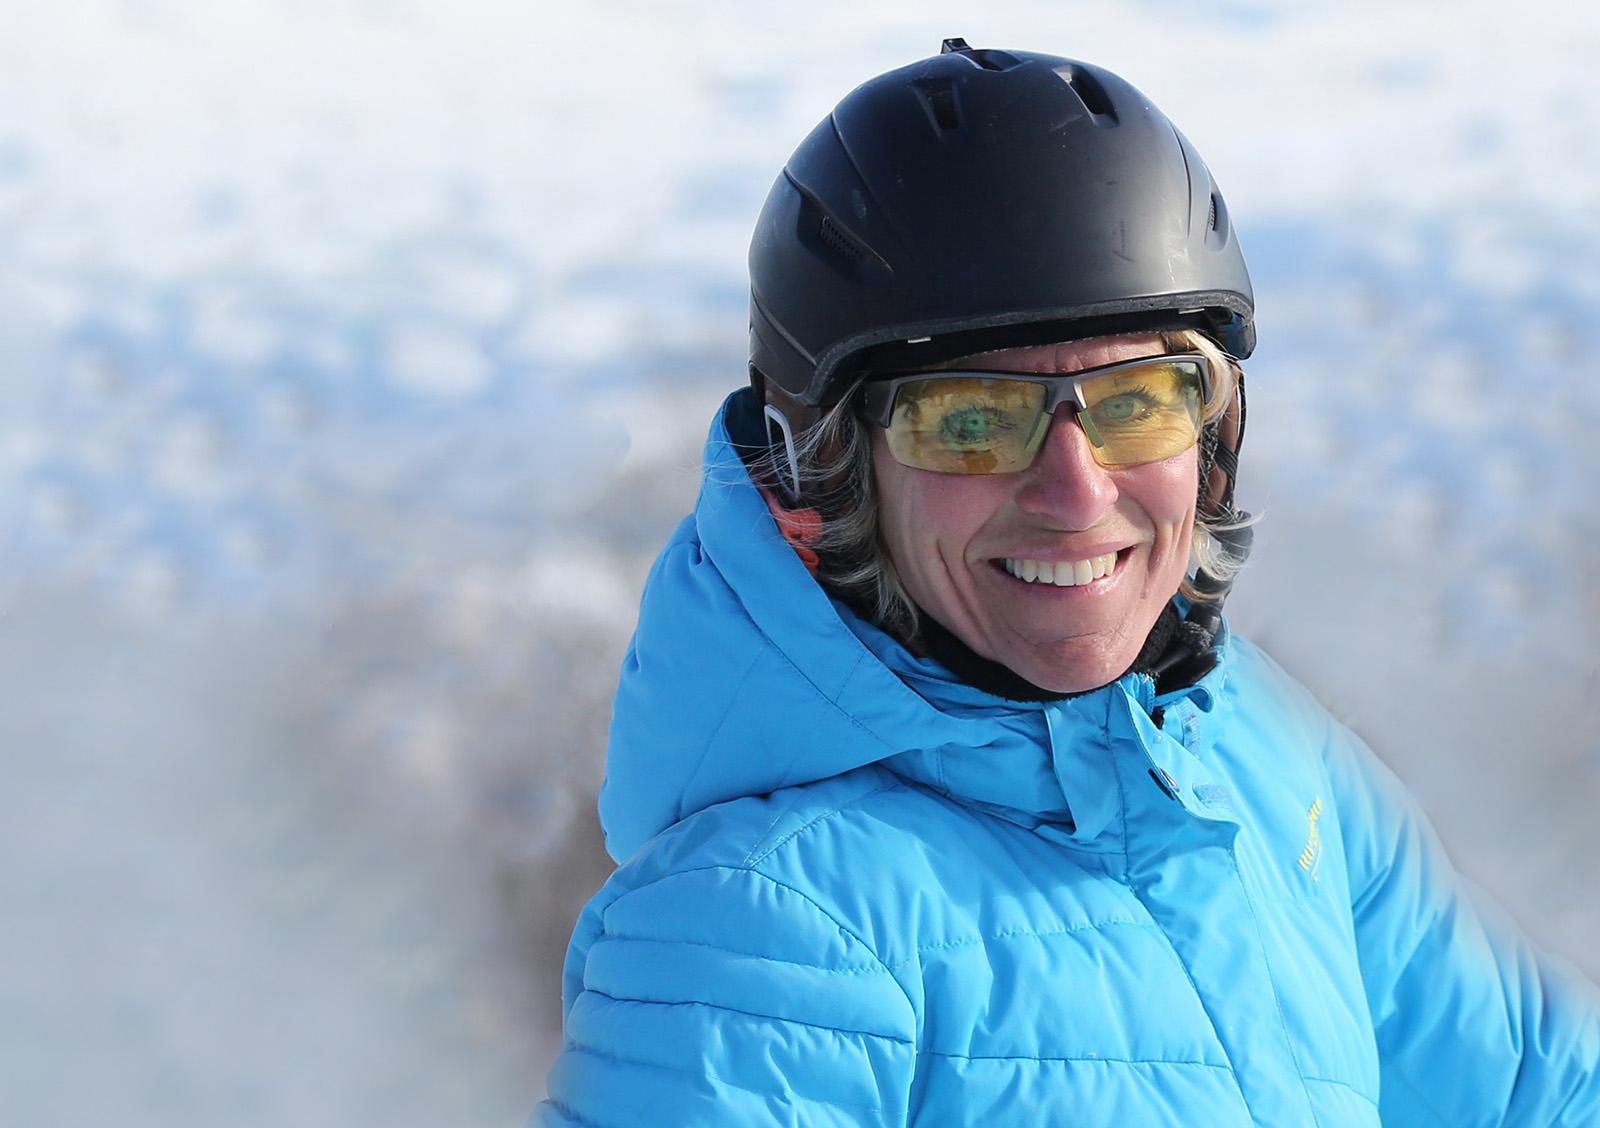 visage du ski johanne la roche zone ski